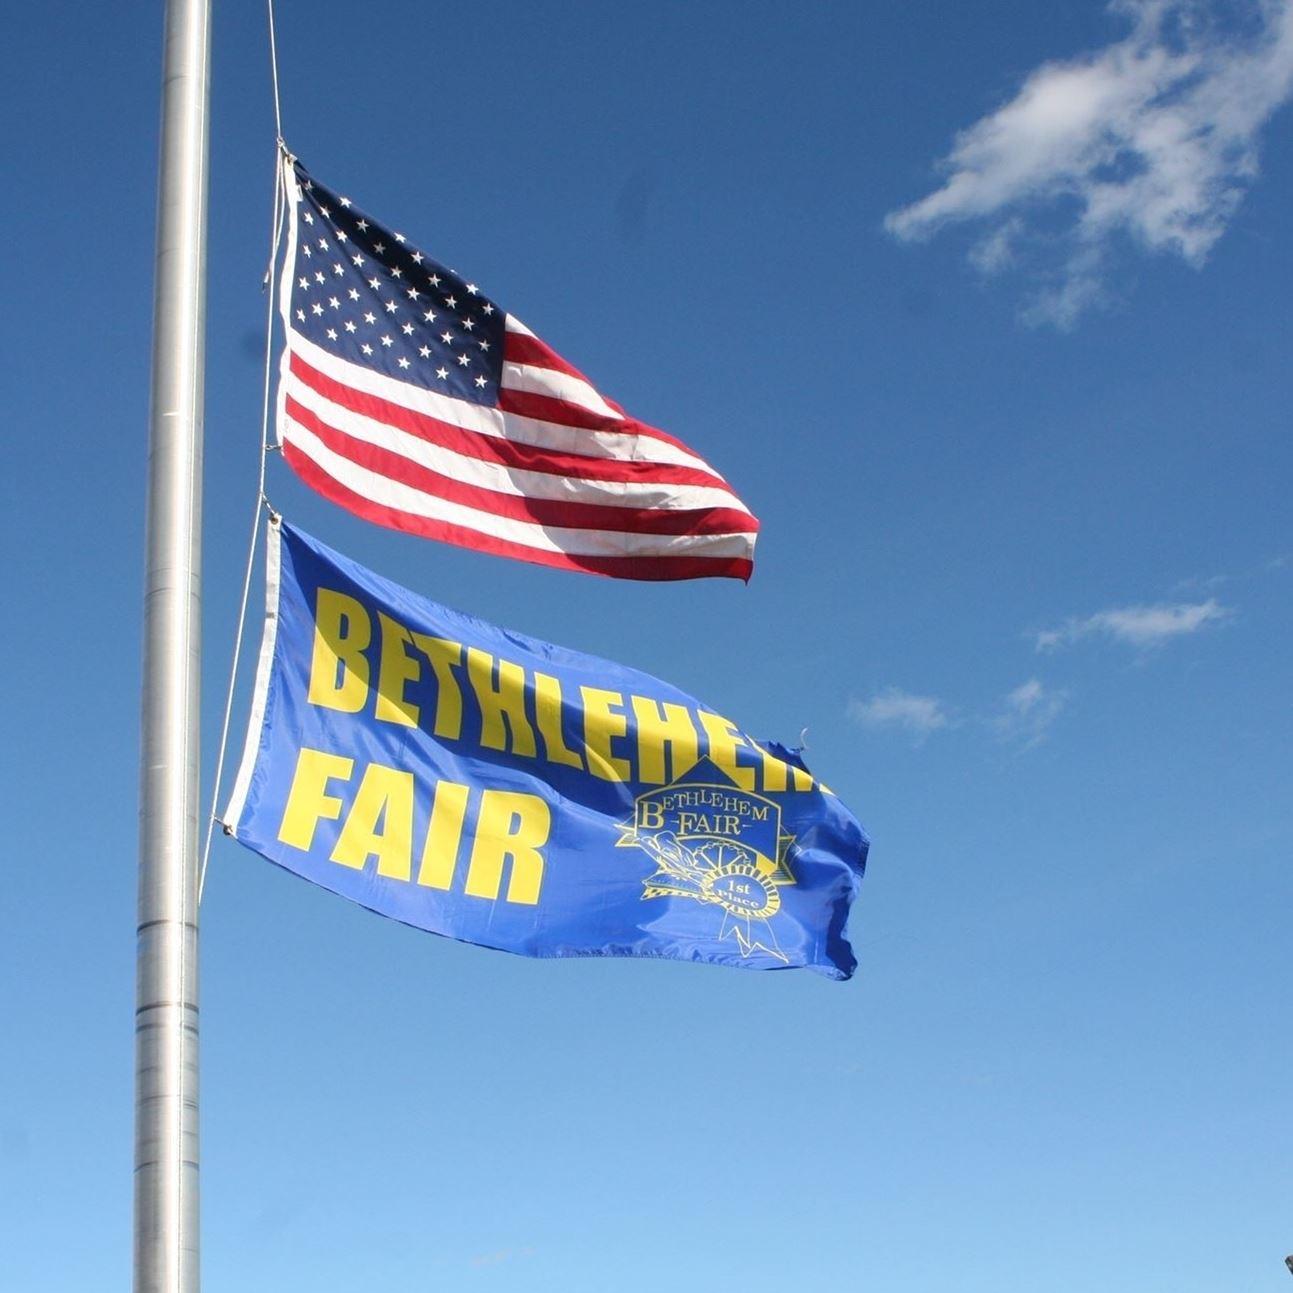 Bethlehem Fair In Dutchess County Fair Ground 2021 Calendar